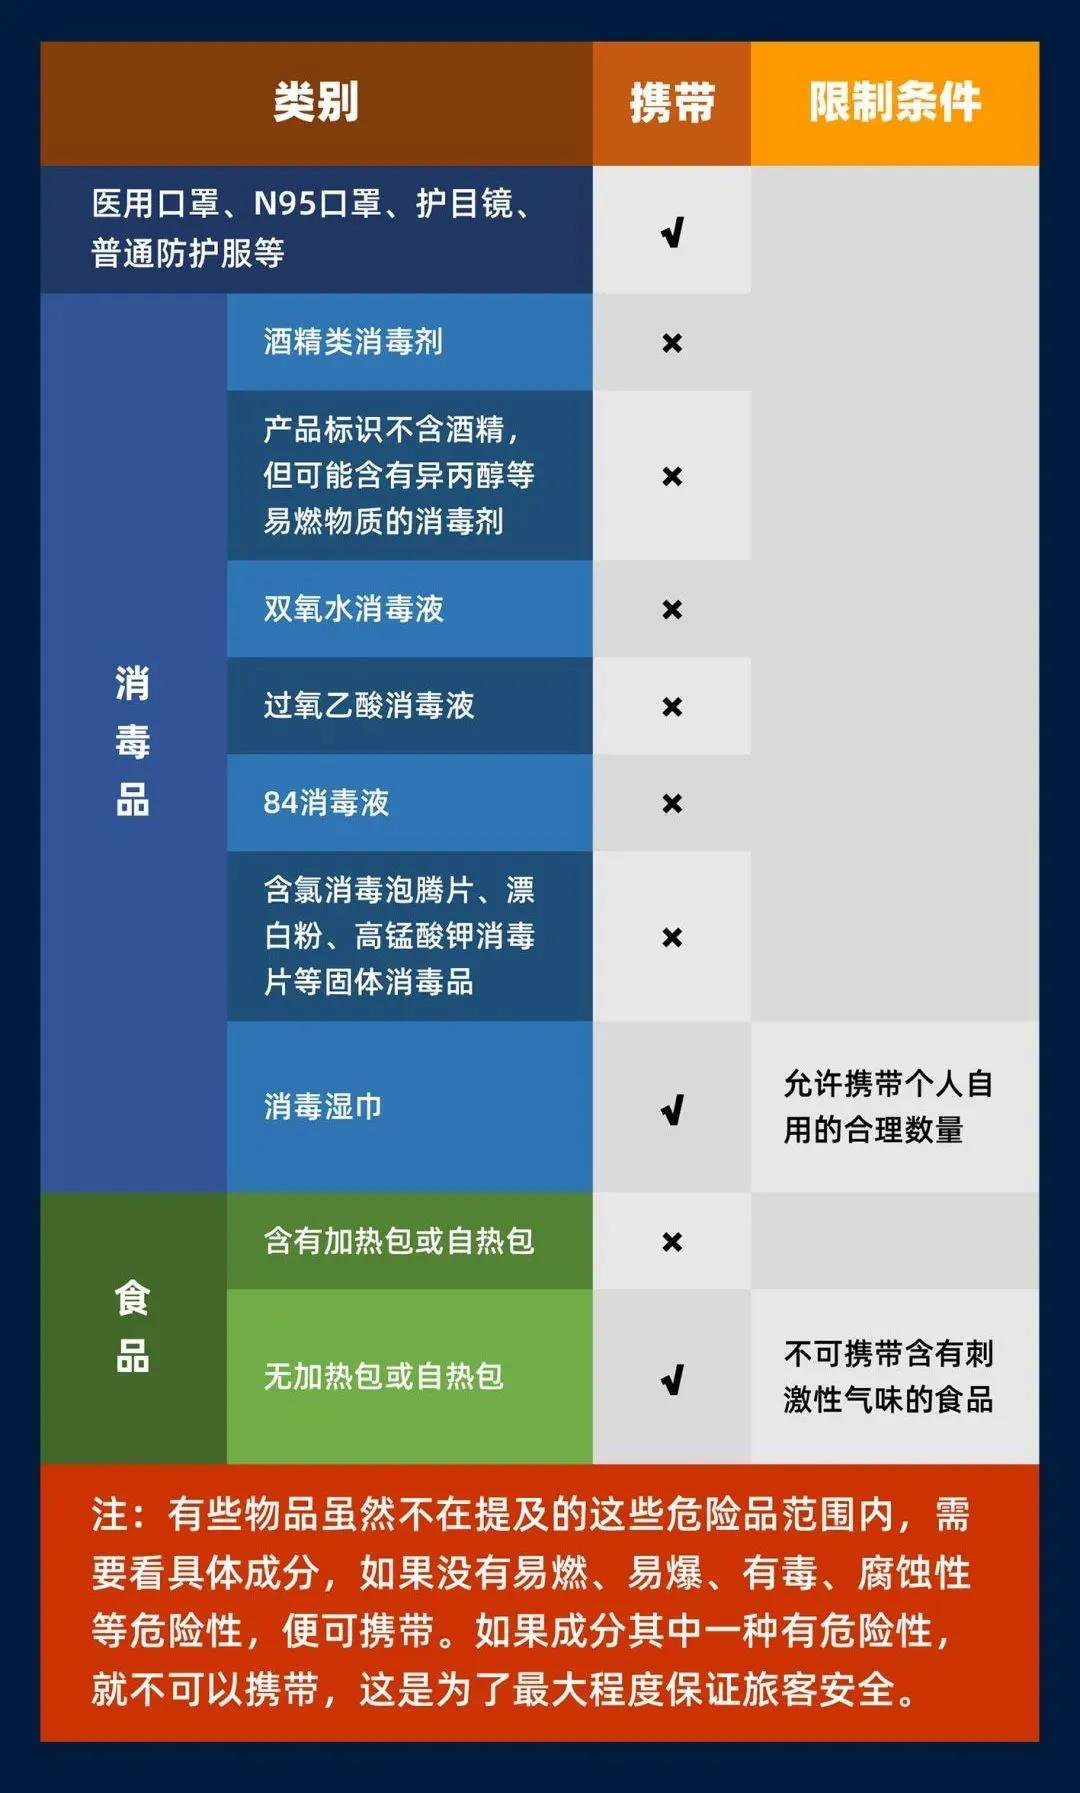 乘坐高鐵哪些日(ri)常(chang)消毒用品不(bu)能攜帶?